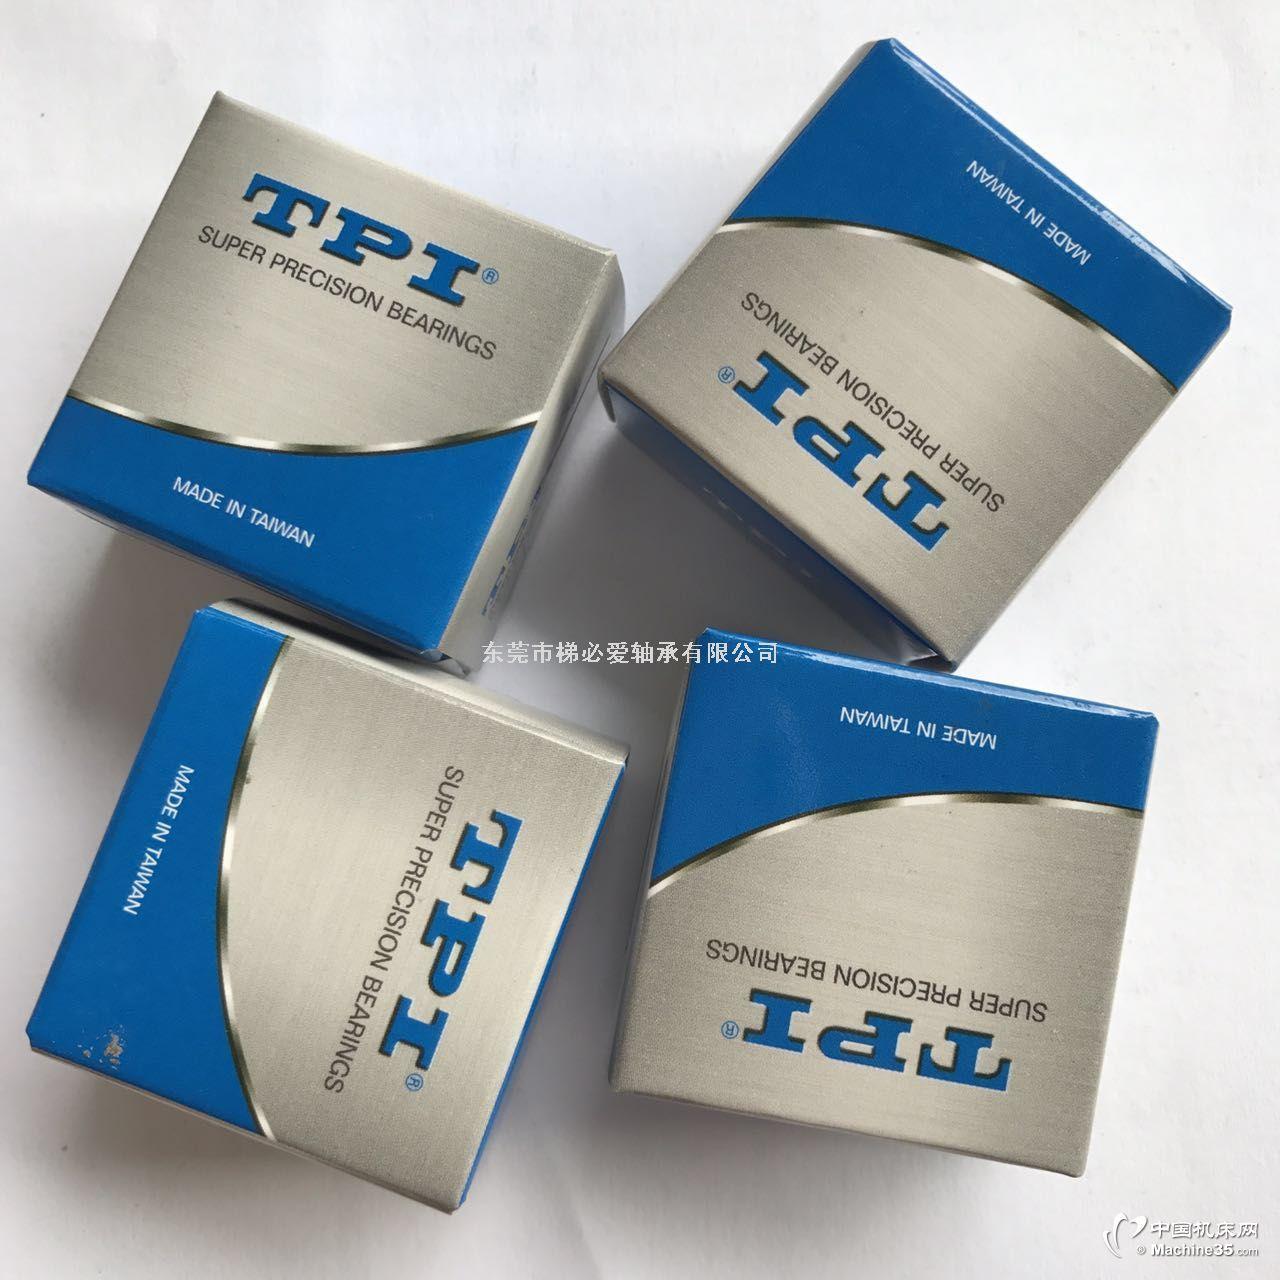 台湾TPI品牌 原装进口轴承 东莞旗舰店6002ZZ轴承